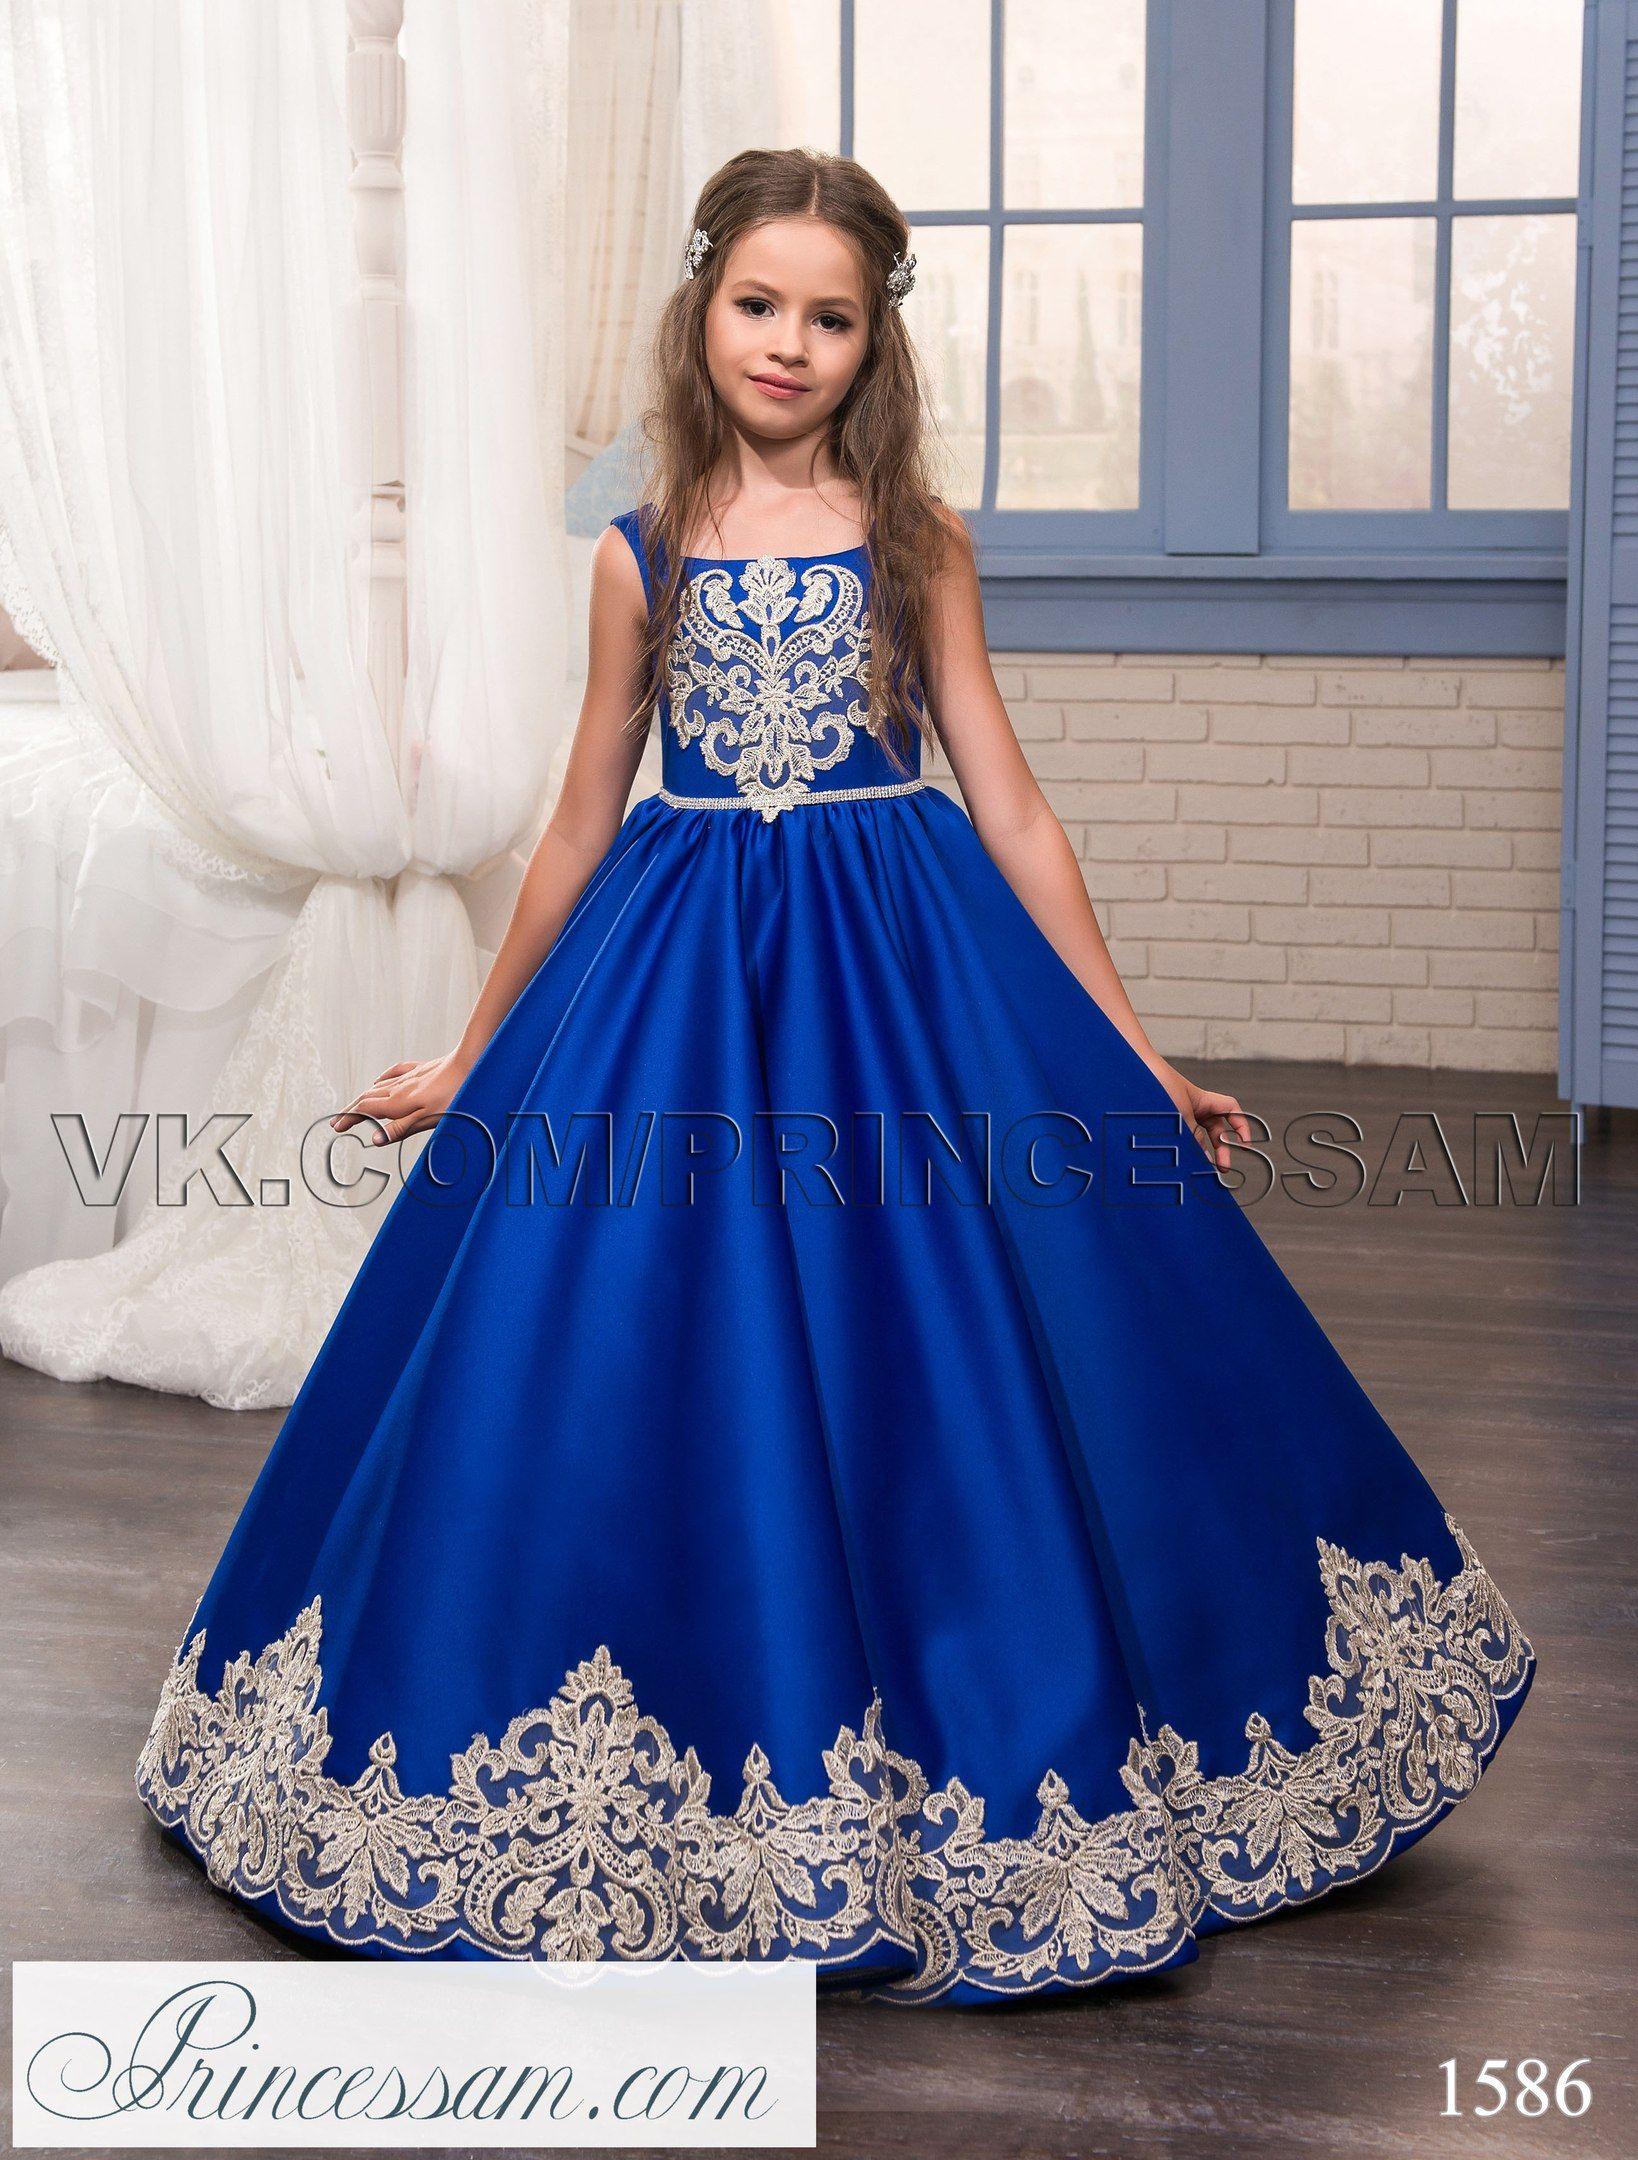 388ee6461 Que vestido lindoo